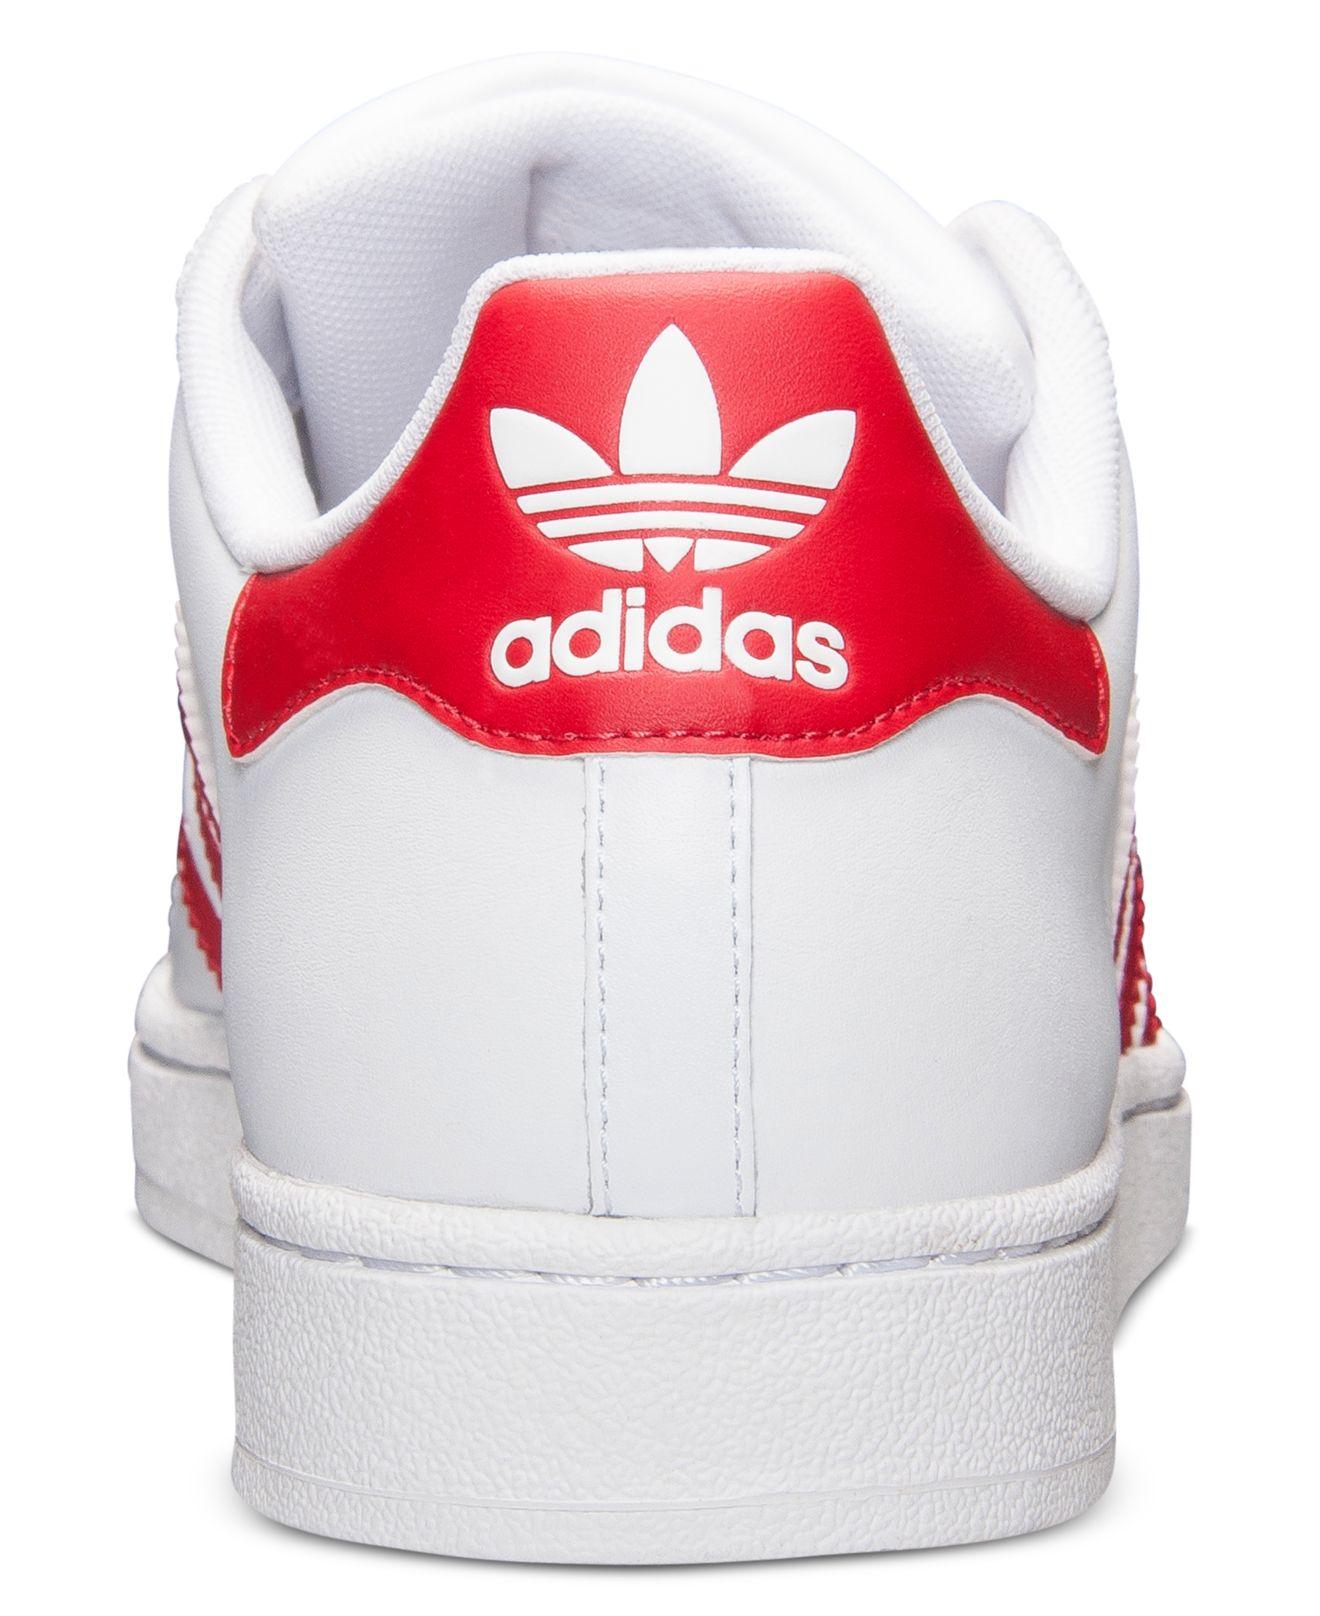 Grade School Adidas Superstar Casual Shoes